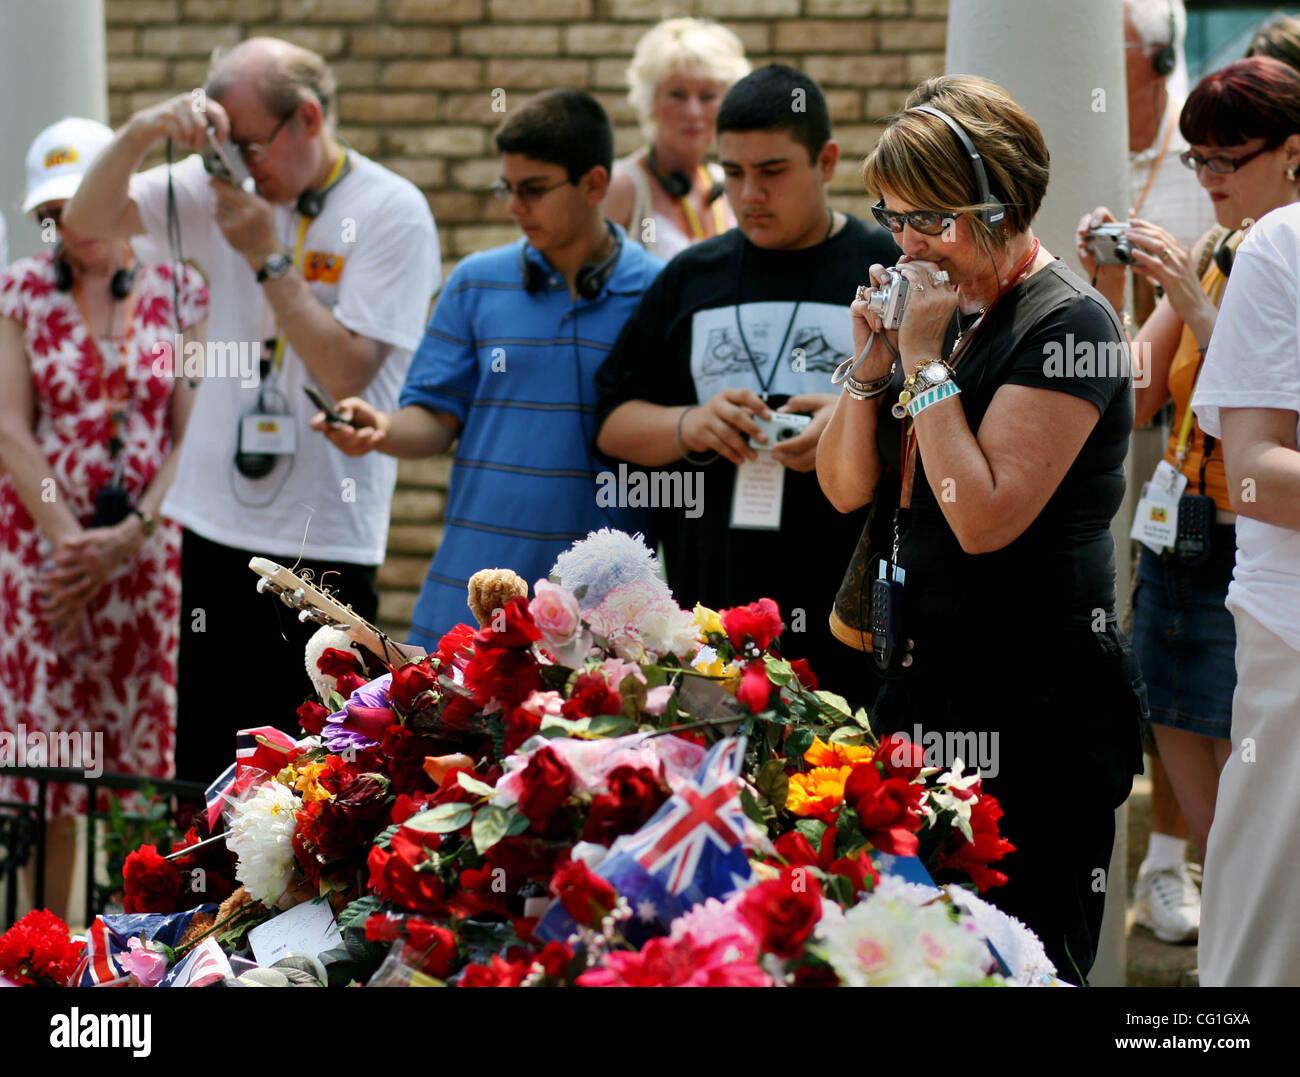 081607 traf Elvis 03 Personal Photo von Gary Coronado/The Palm Beach Post 0041321A mit Geschichte von Rachel Sauer Stockbild